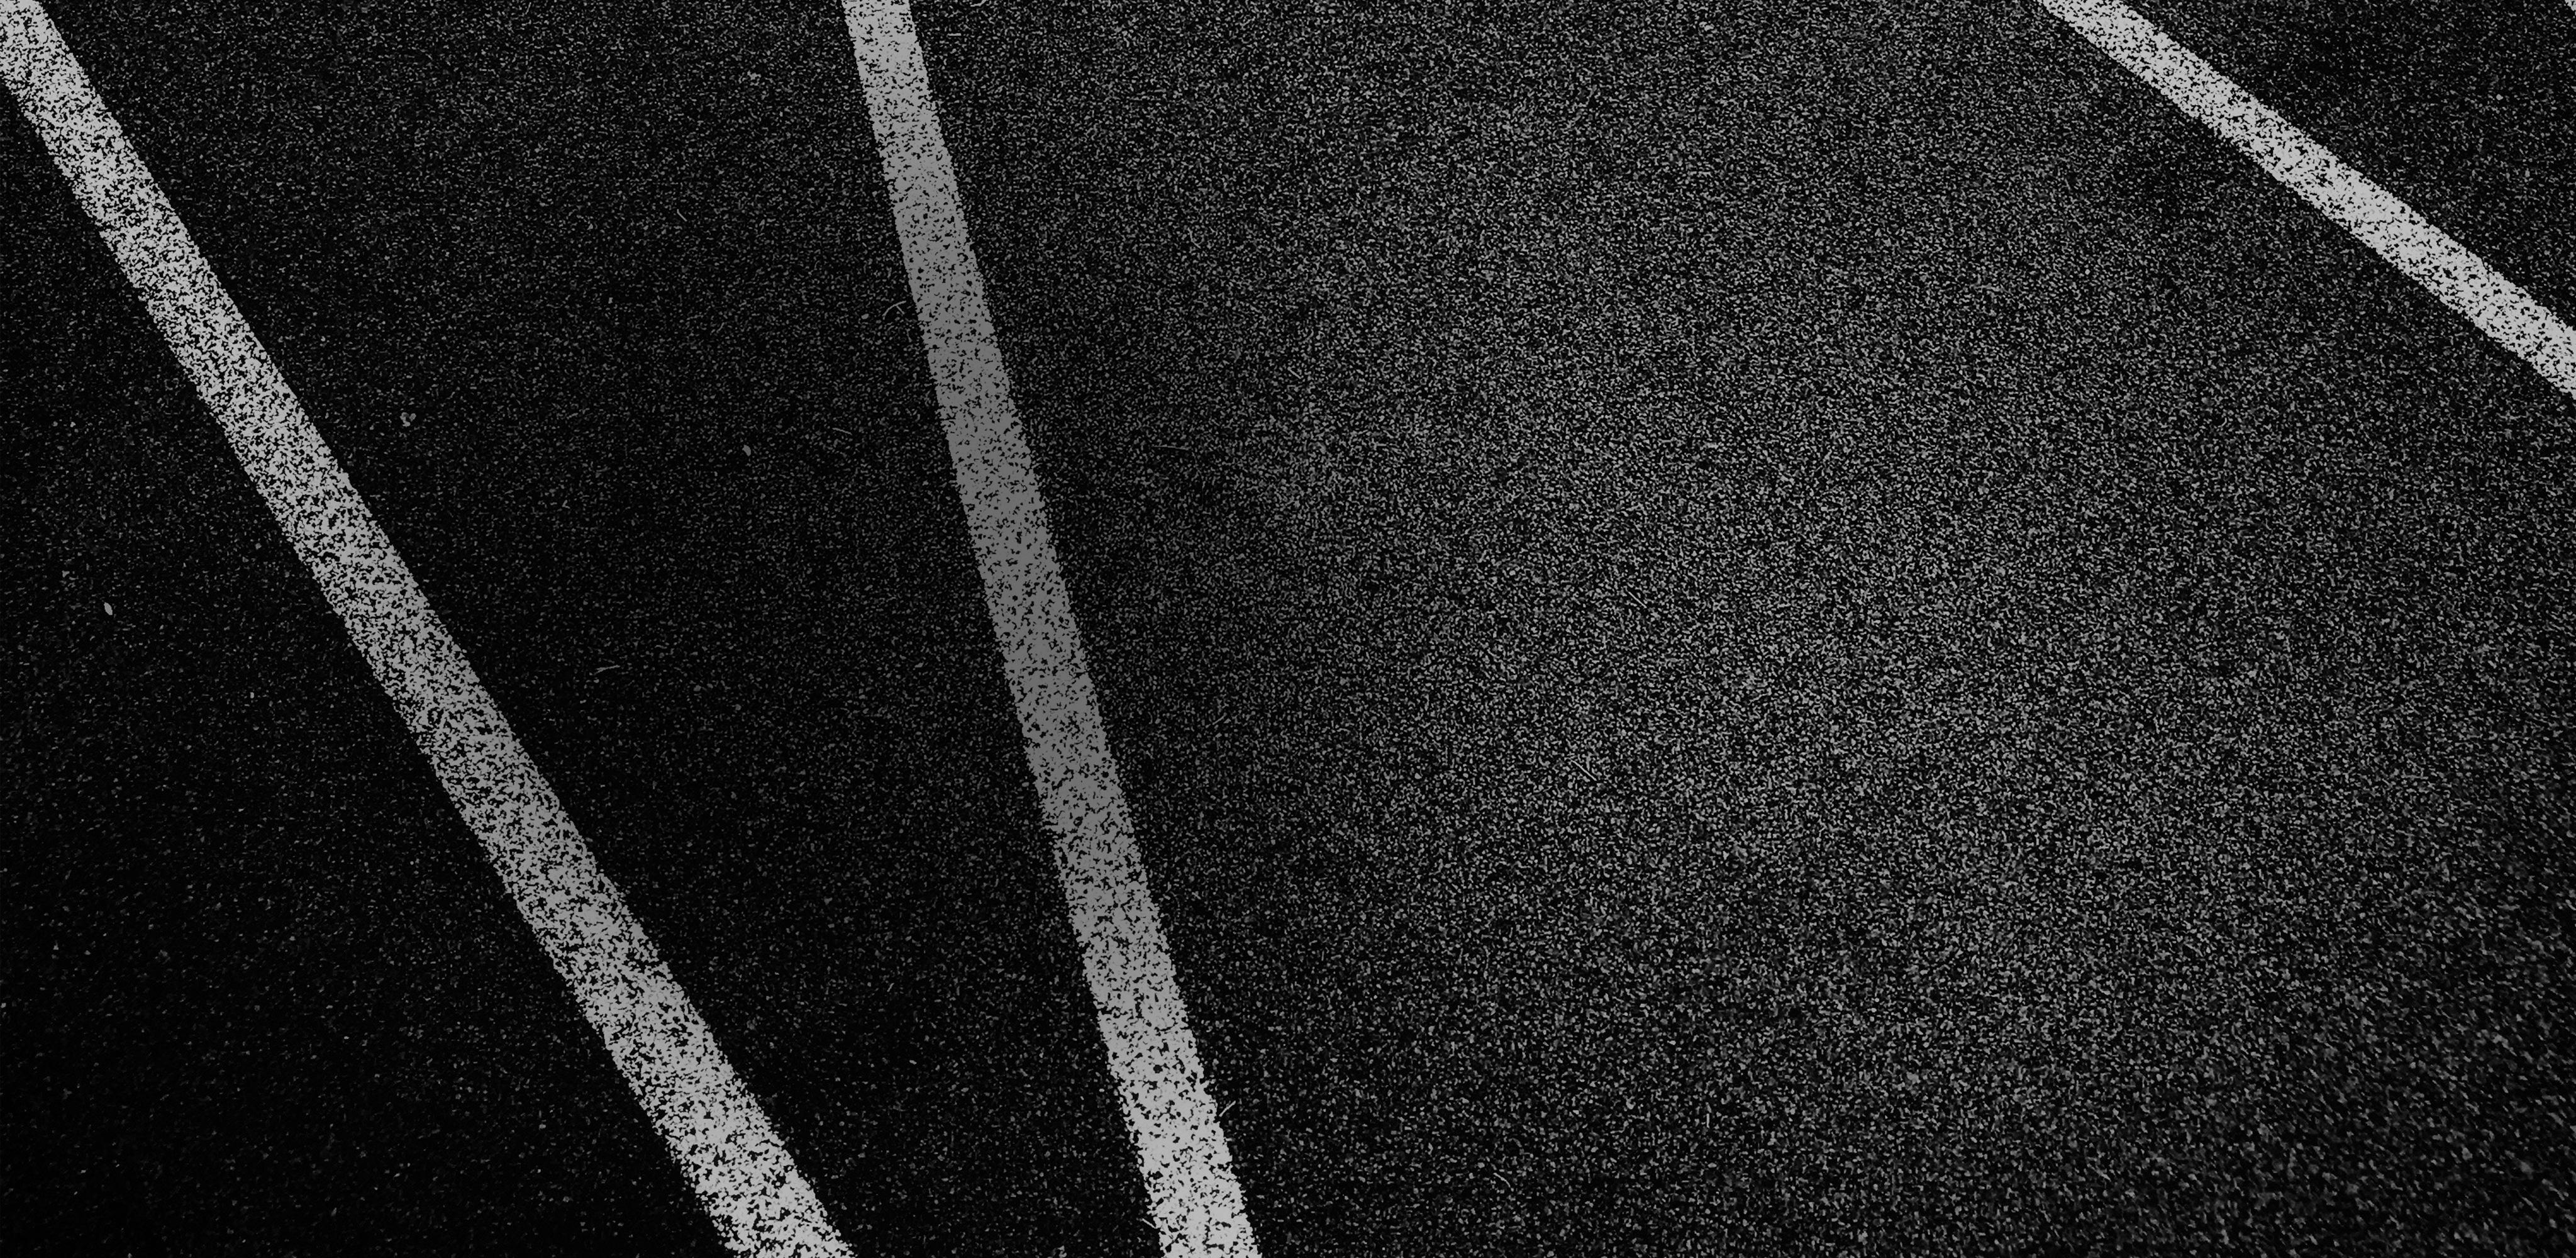 Pavement dark